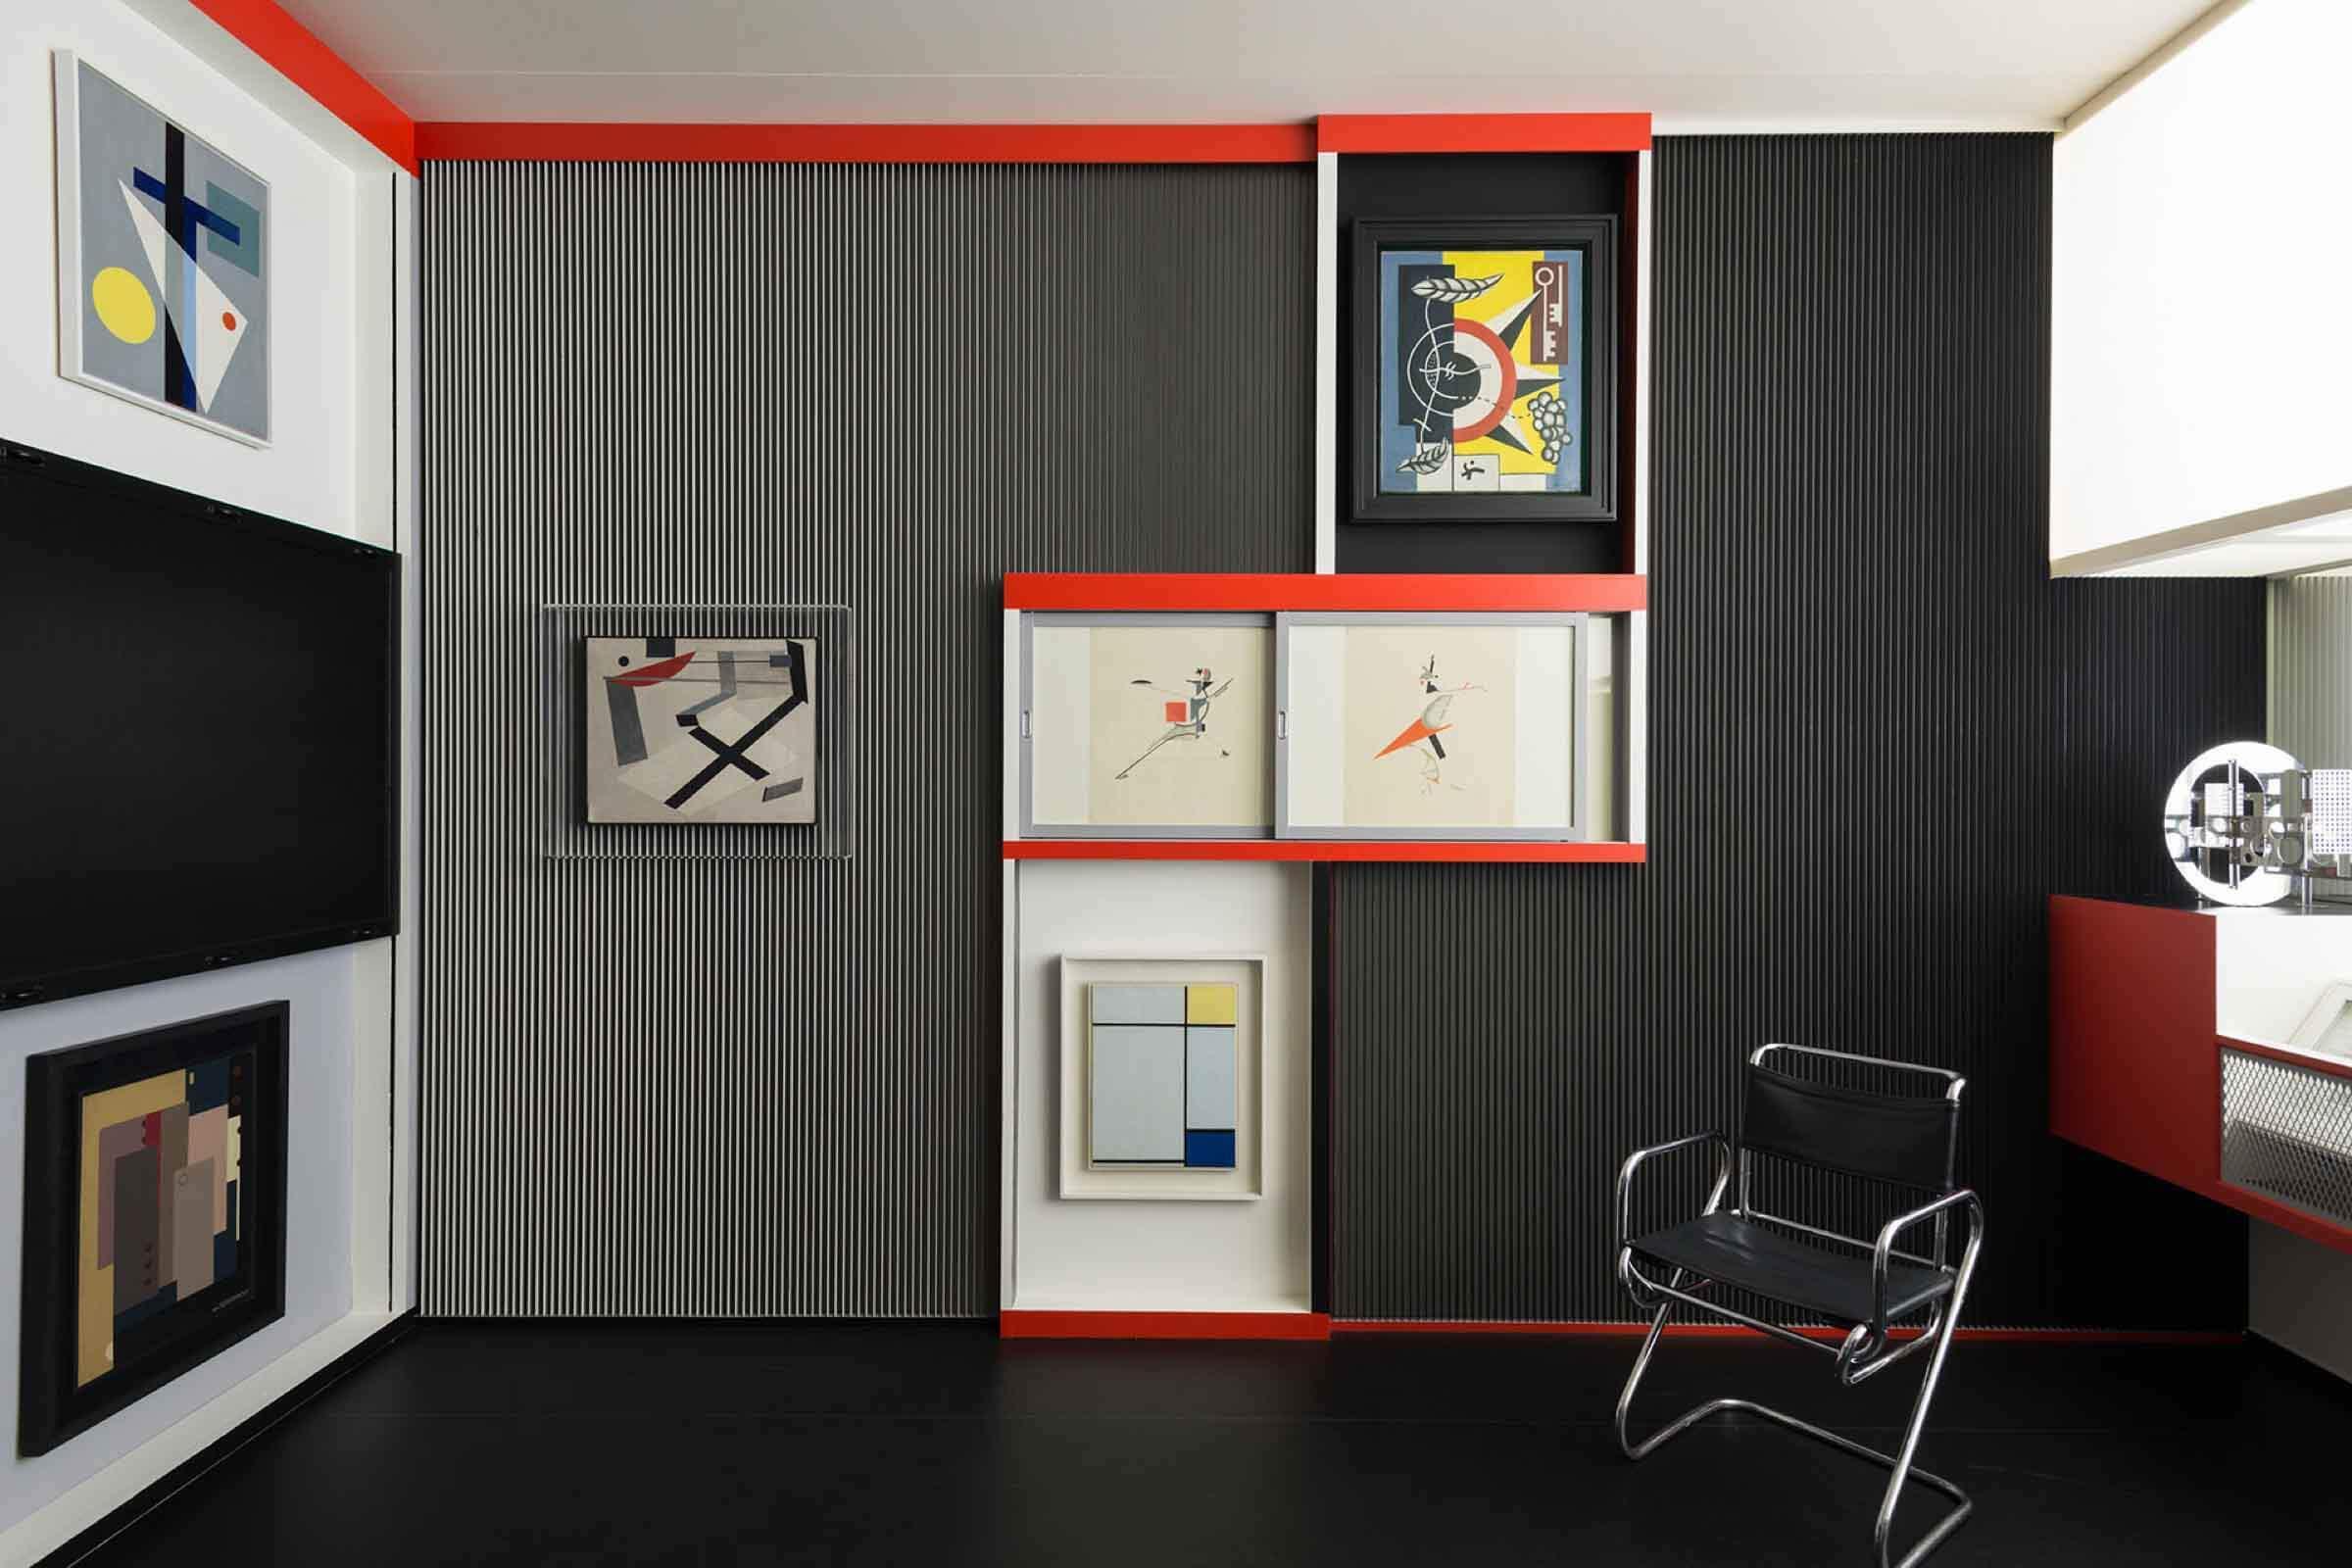 Verschiedene Kunstwerke an einer Wand